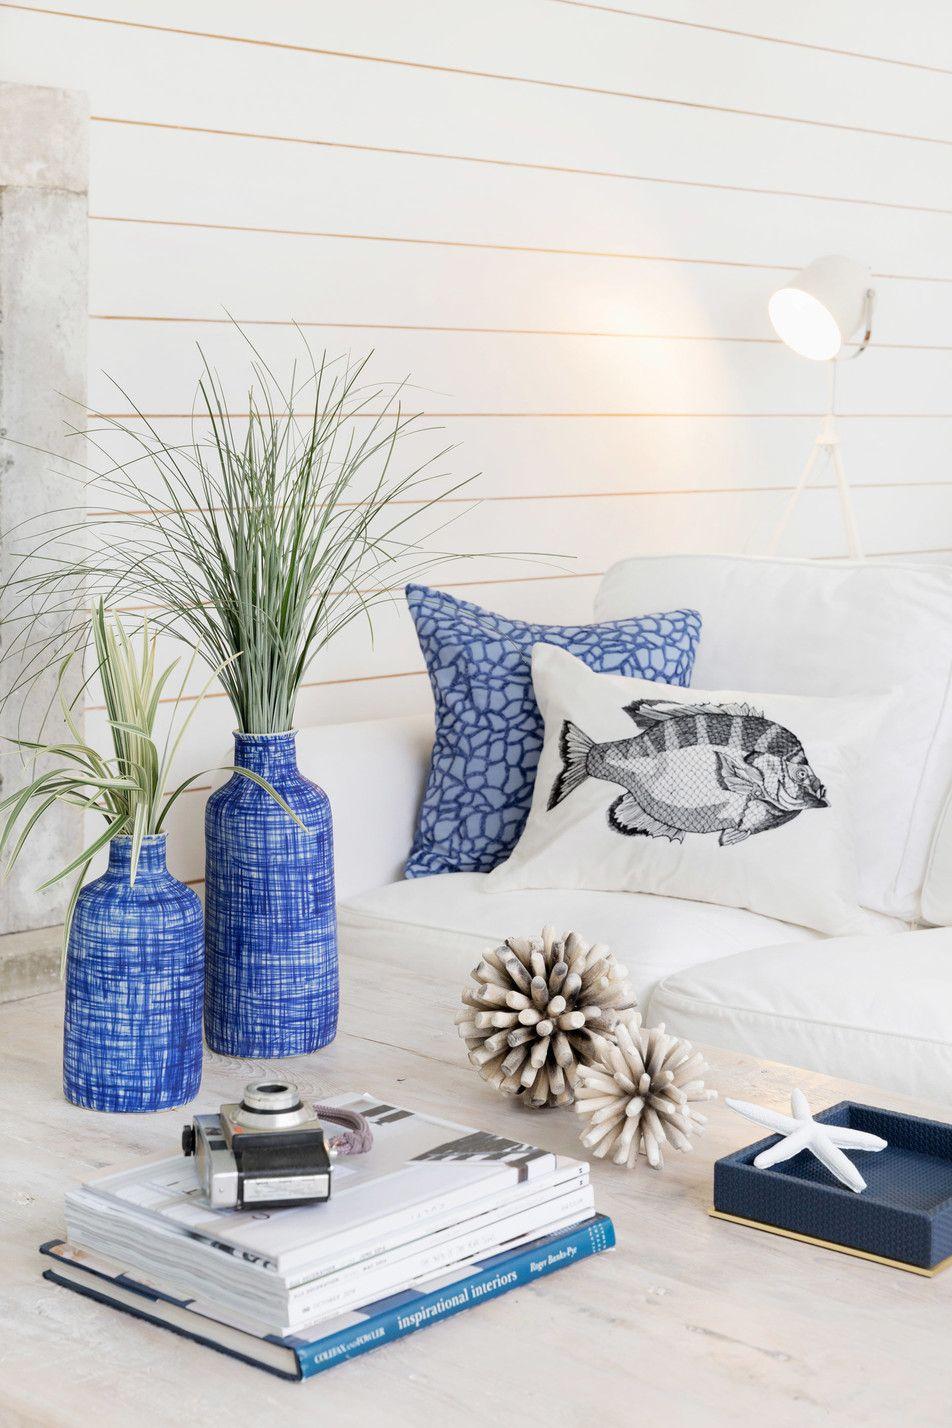 Ocean Theme Living Room Design   living room ideas   Pinterest ...